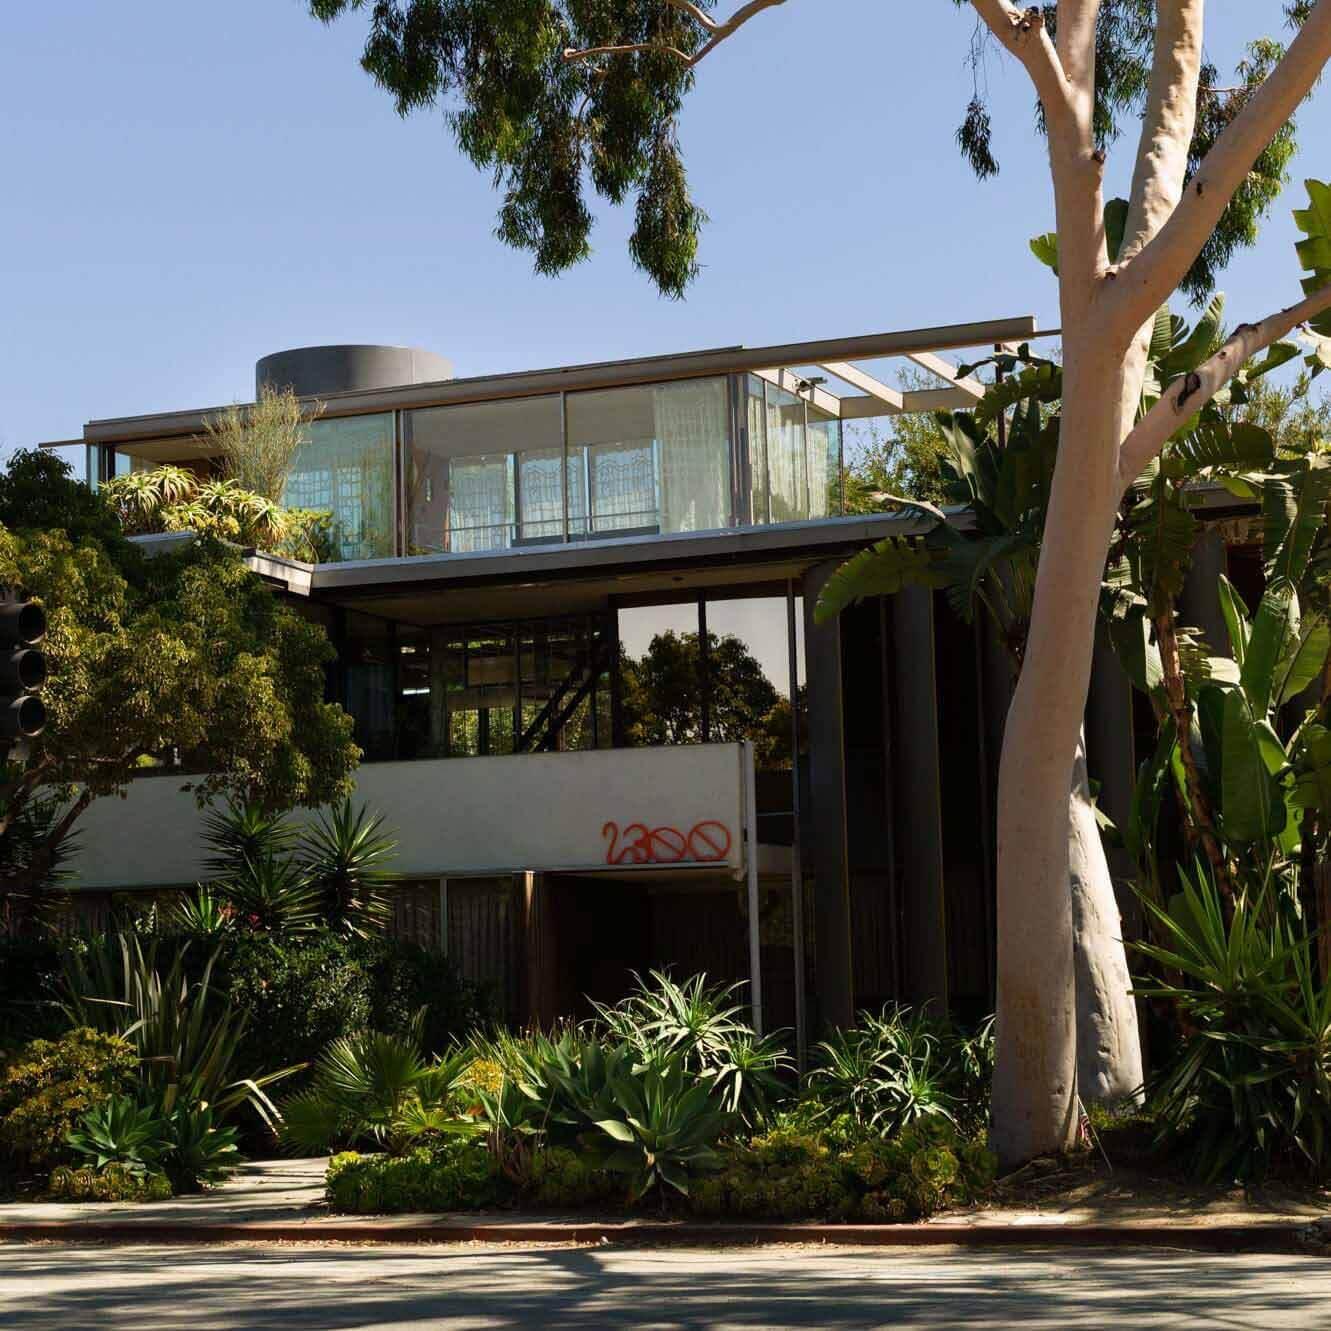 В доме Neutra VDL II проходит групповая выставка Built In в Лос-Анджелесе